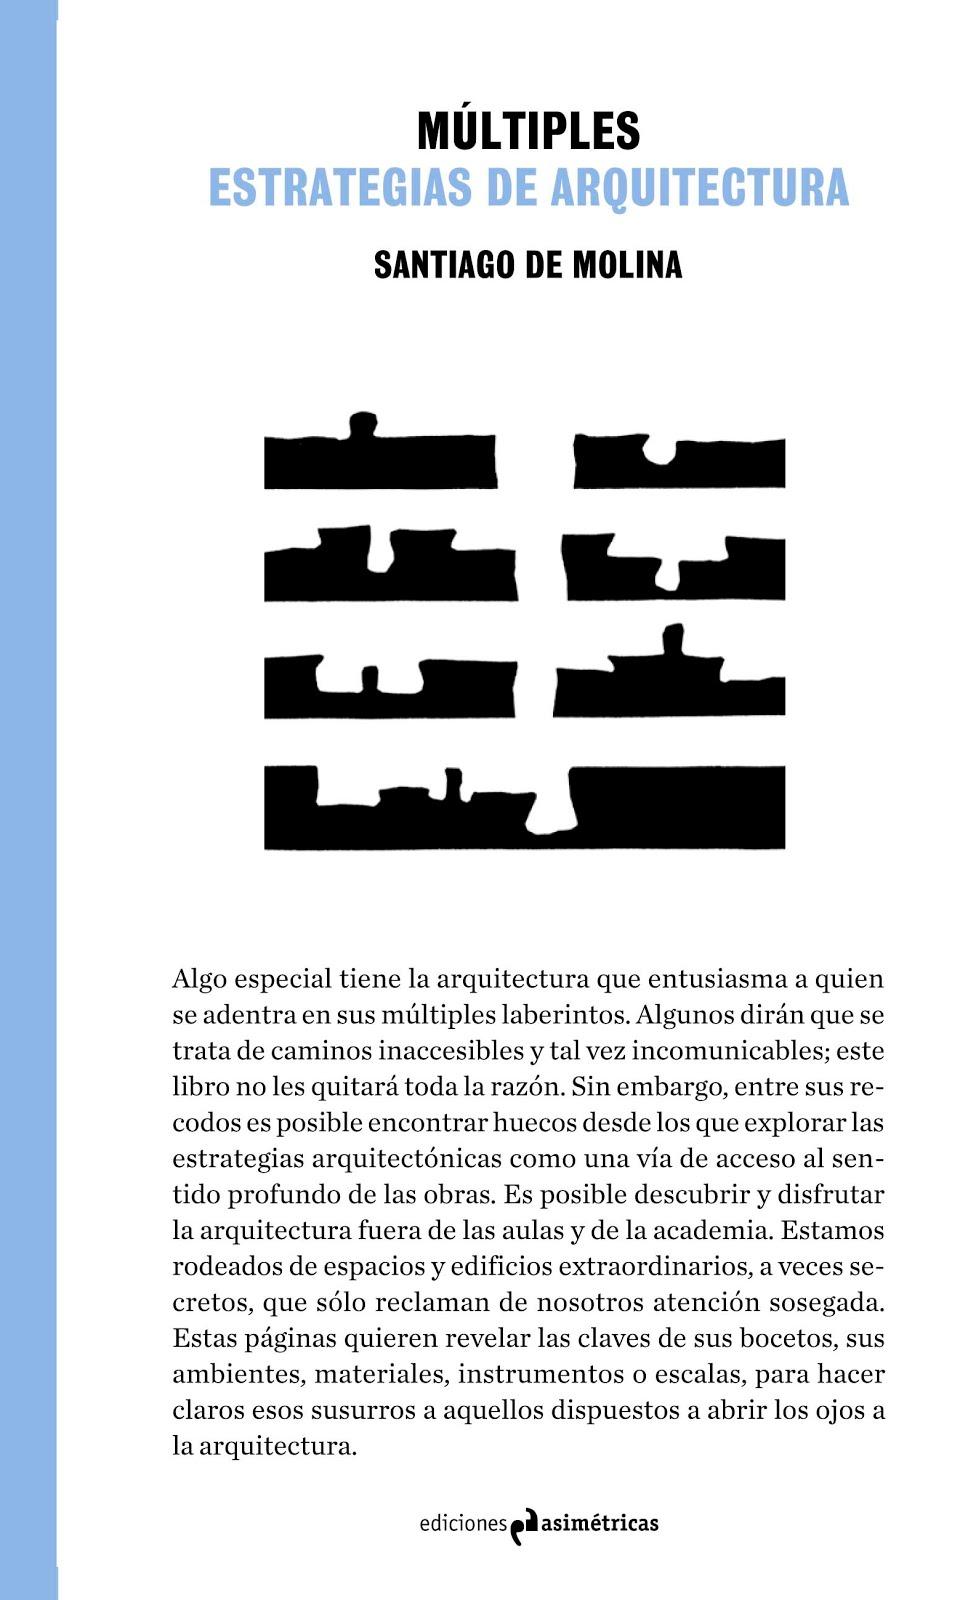 EL LIBRO DE MULTIPLES ESTRATEGIAS